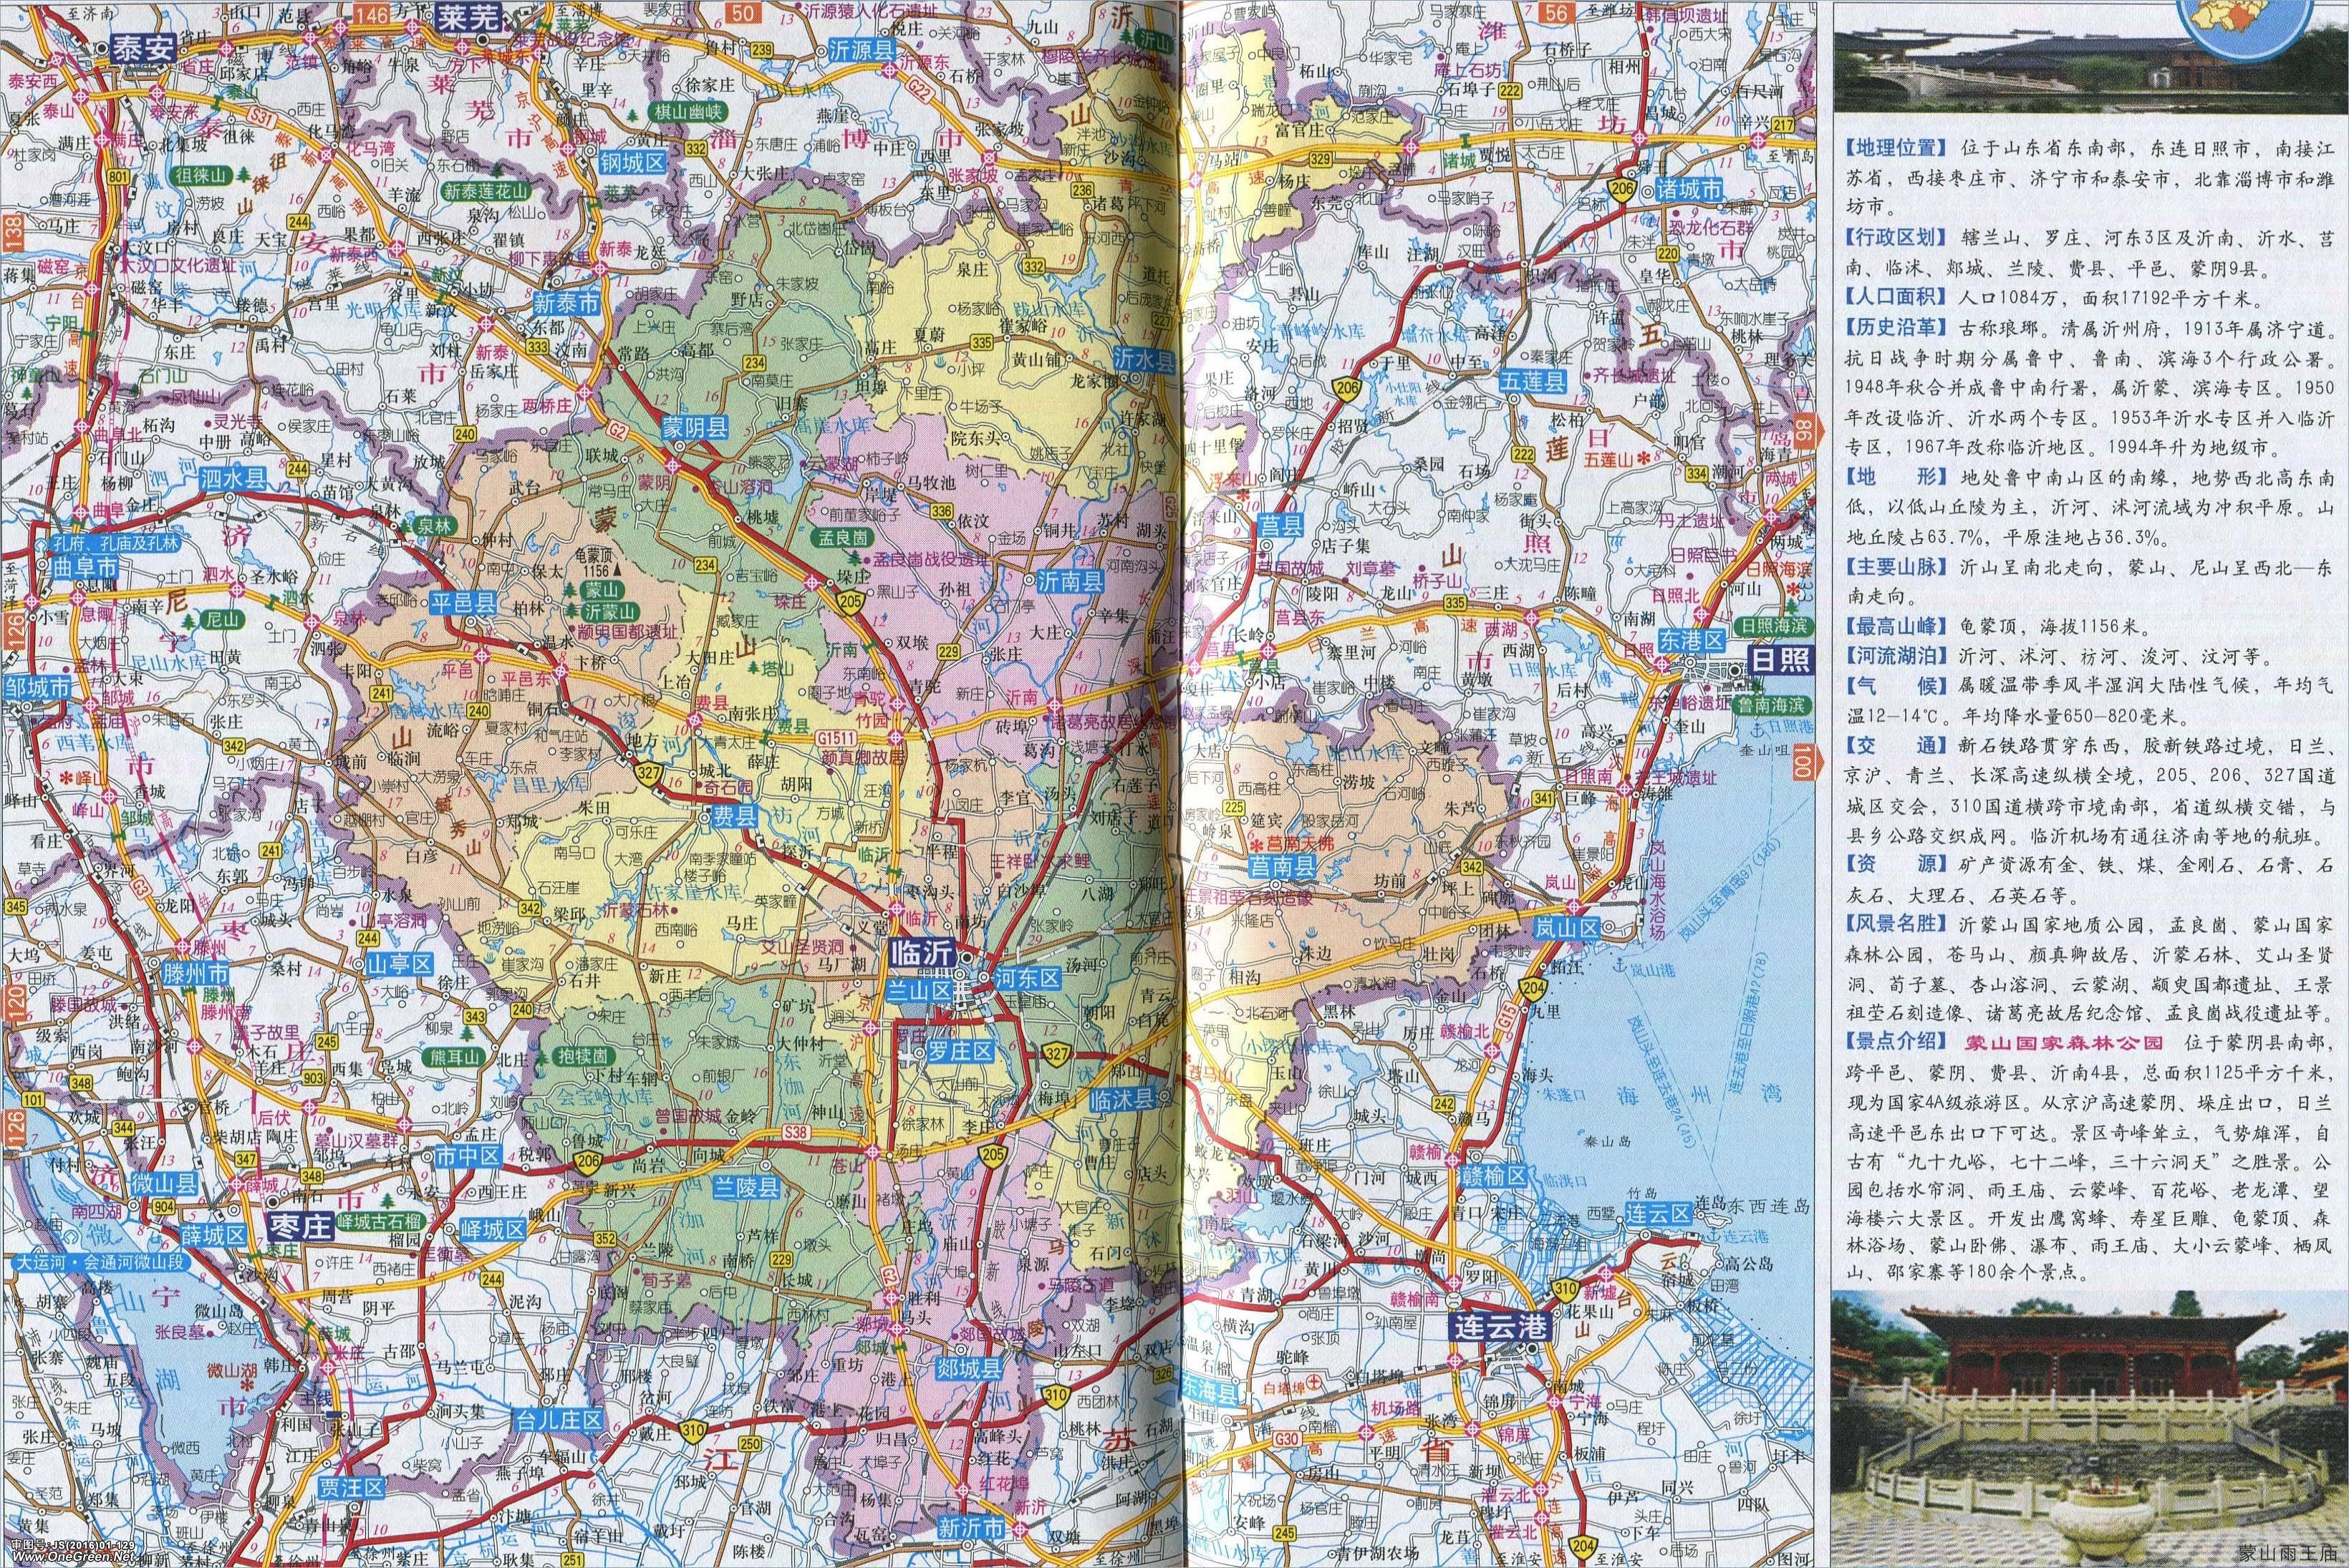 临沂市地图高清版